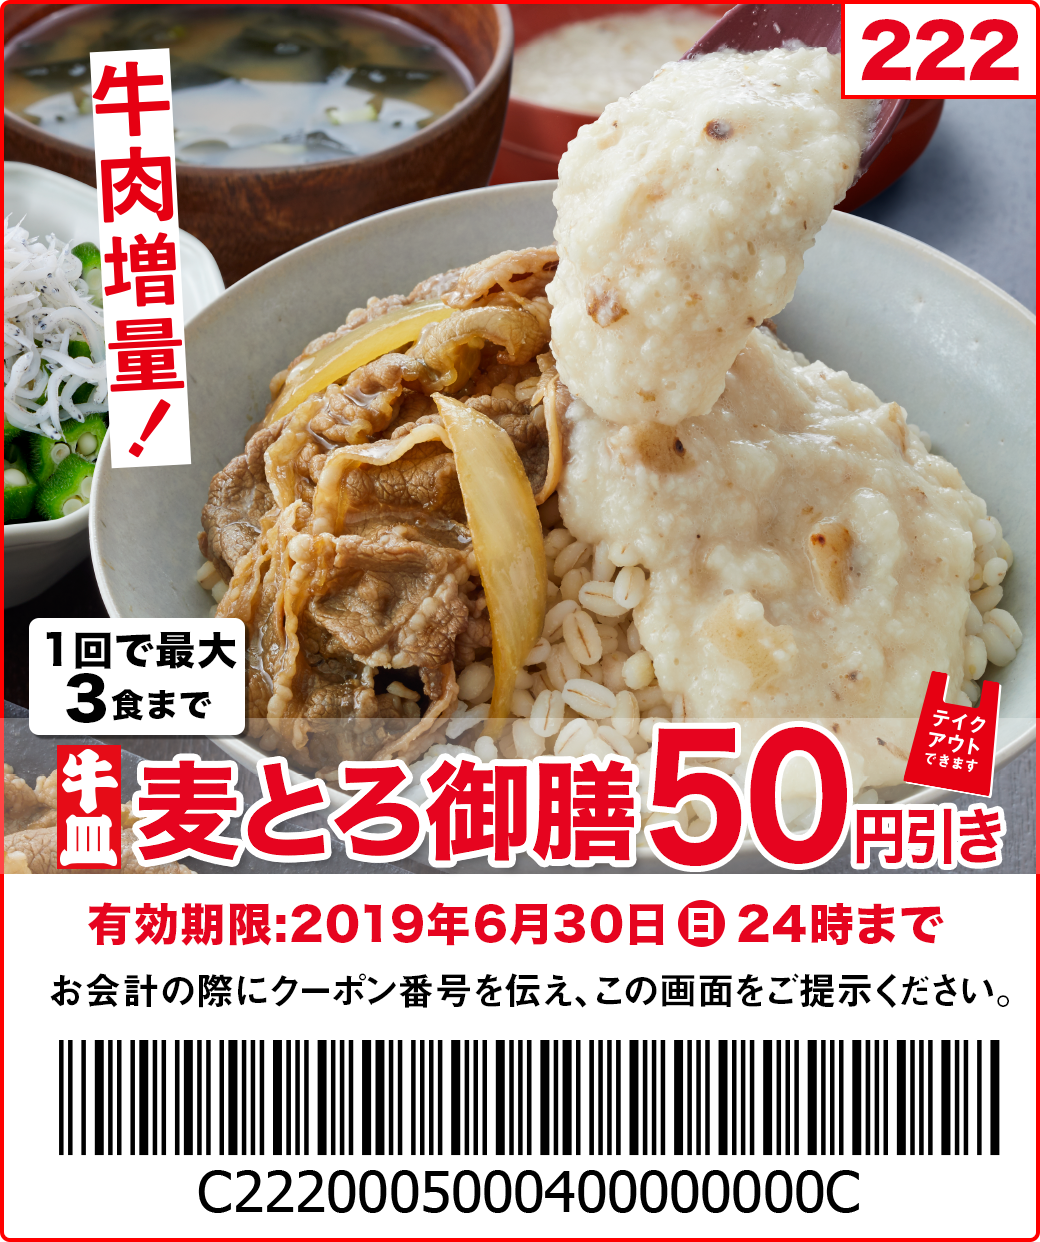 吉野家の「麦とろ牛皿御膳・麦とろ鰻皿御膳」が50円引きとなるクーポンを配信中。~7/31。